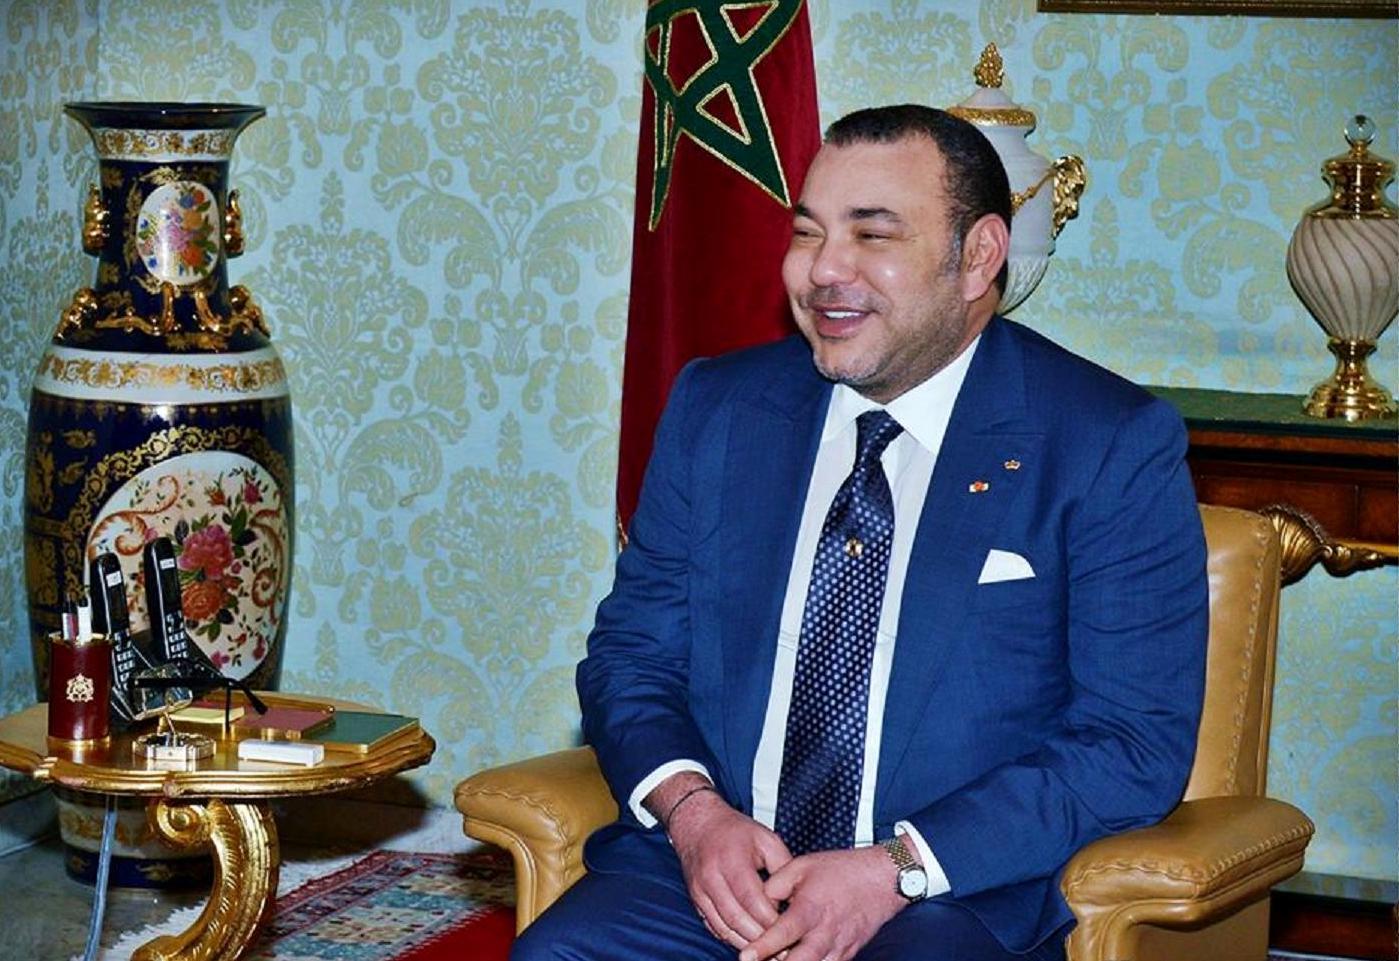 الأمين العام للأمم المتحدة يشيد بالدور القيادي للملك محمد السادس